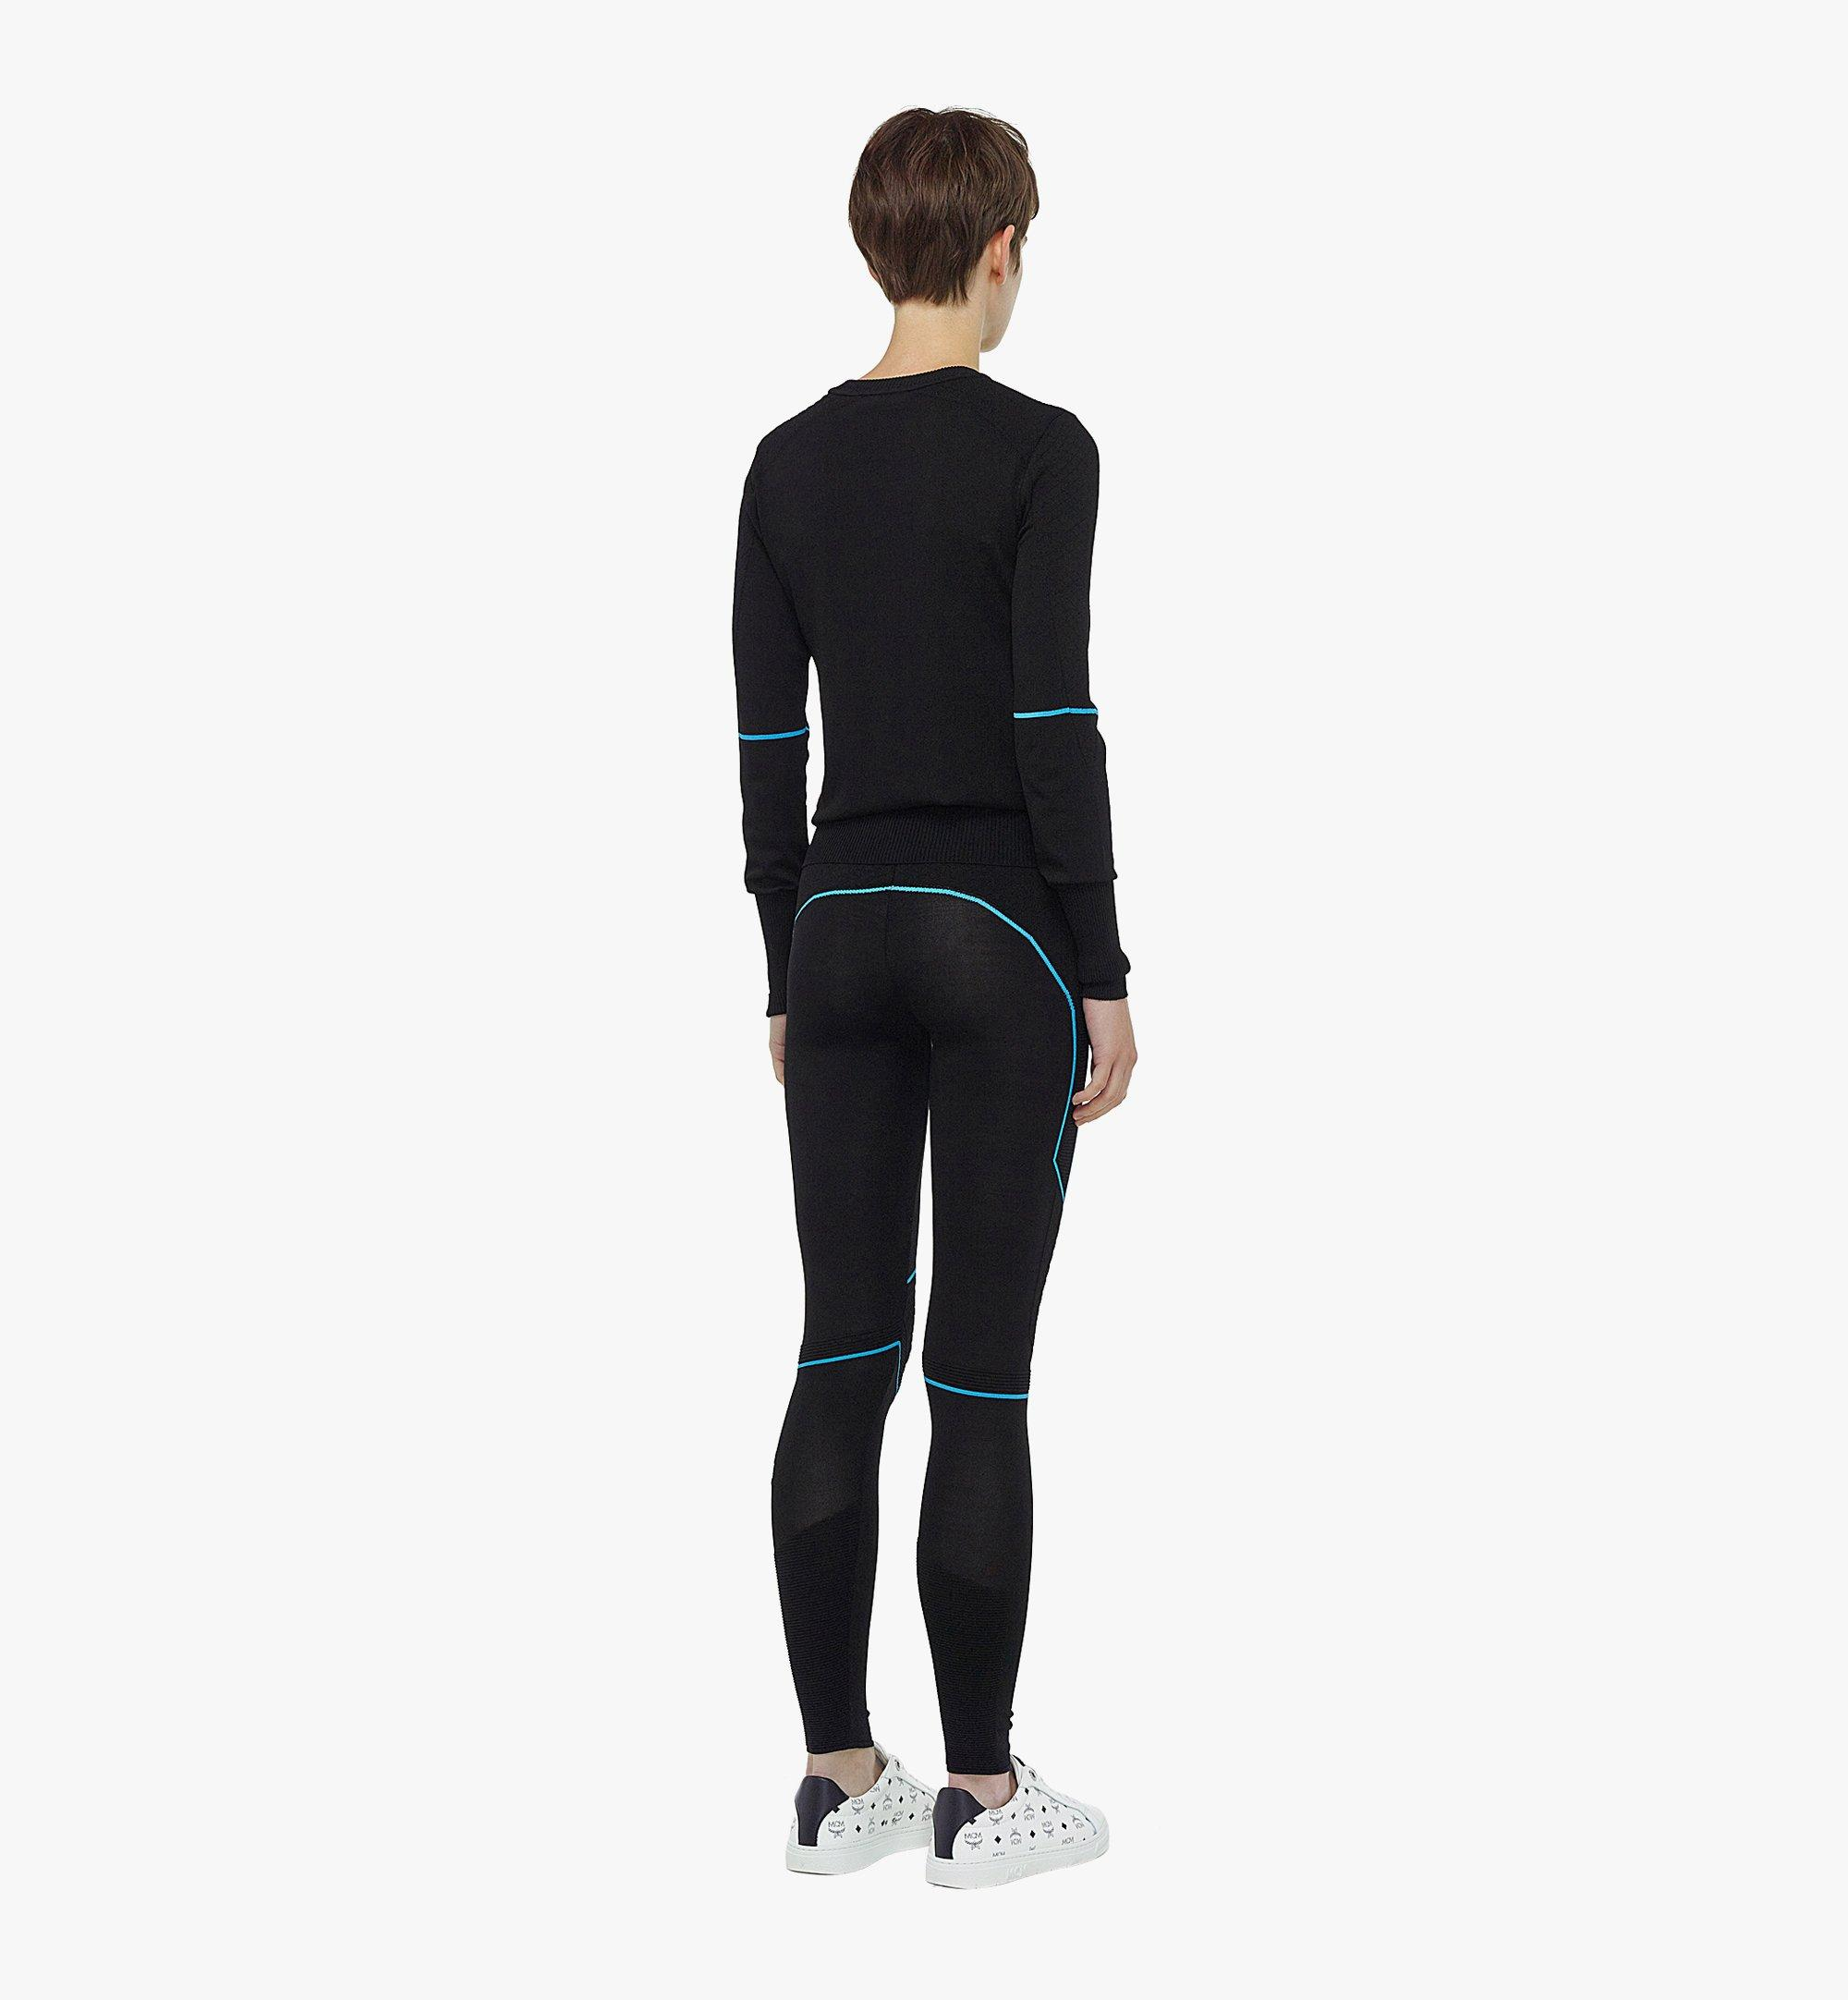 MCM 女士Logo针织紧身裤 Black MFPBAMM03BK00L 更多视角 2